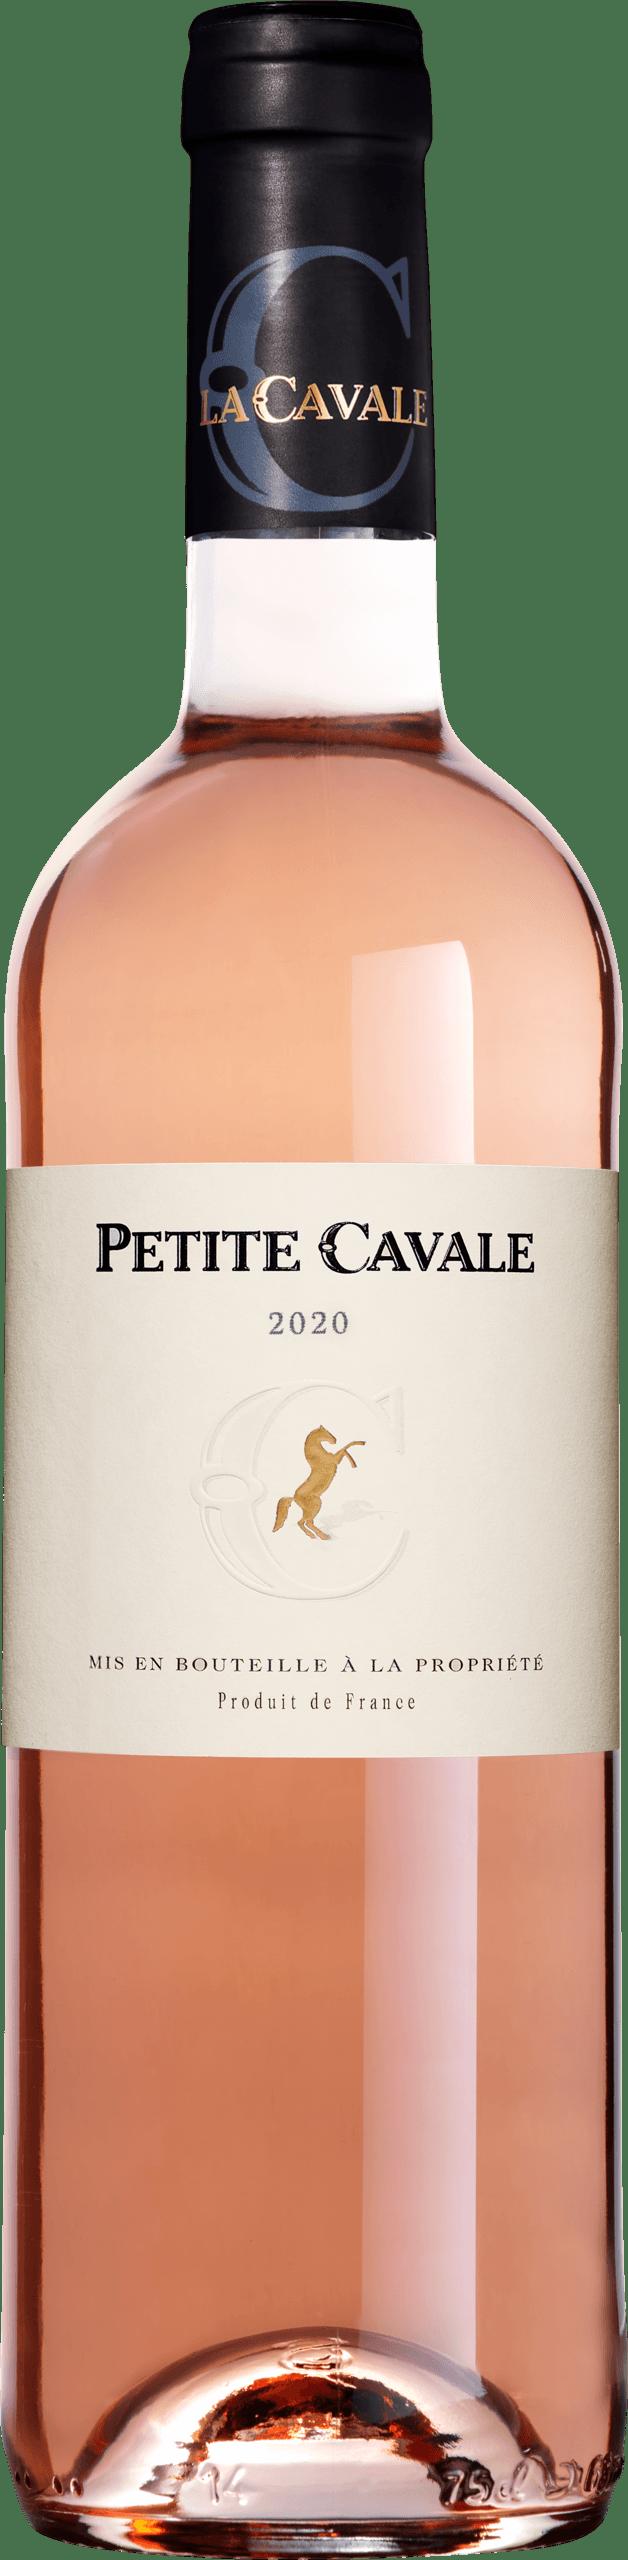 Petite Cavale rosé 2020 - Domaine La Cavale